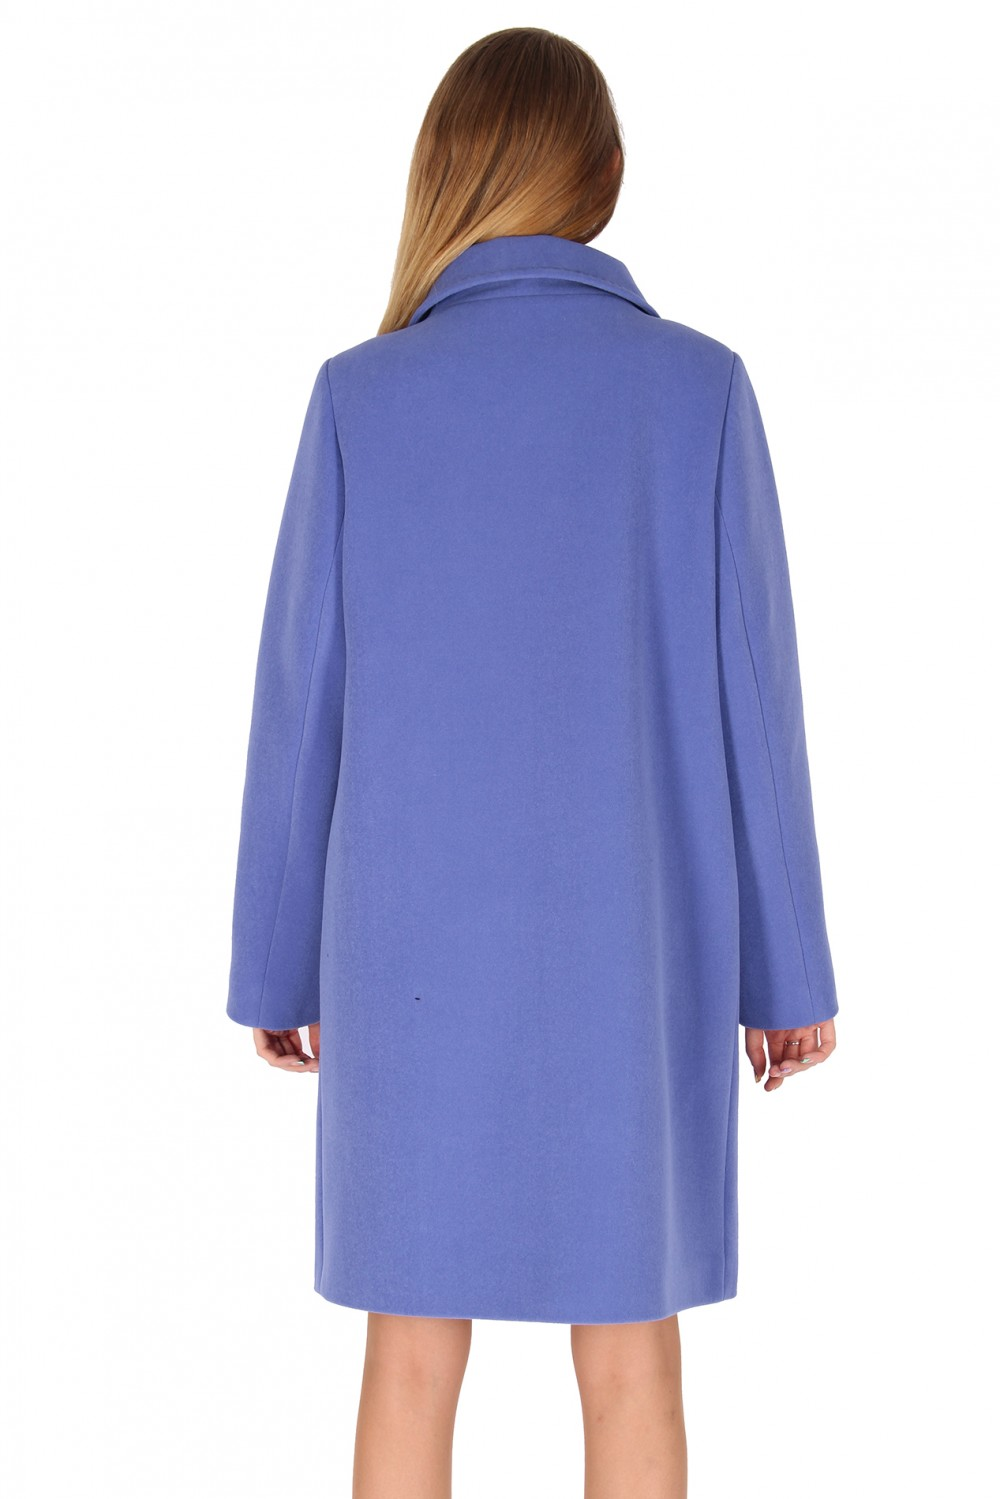 Купить оптом Пальто женское голубого цвета 16318Gl в Перми